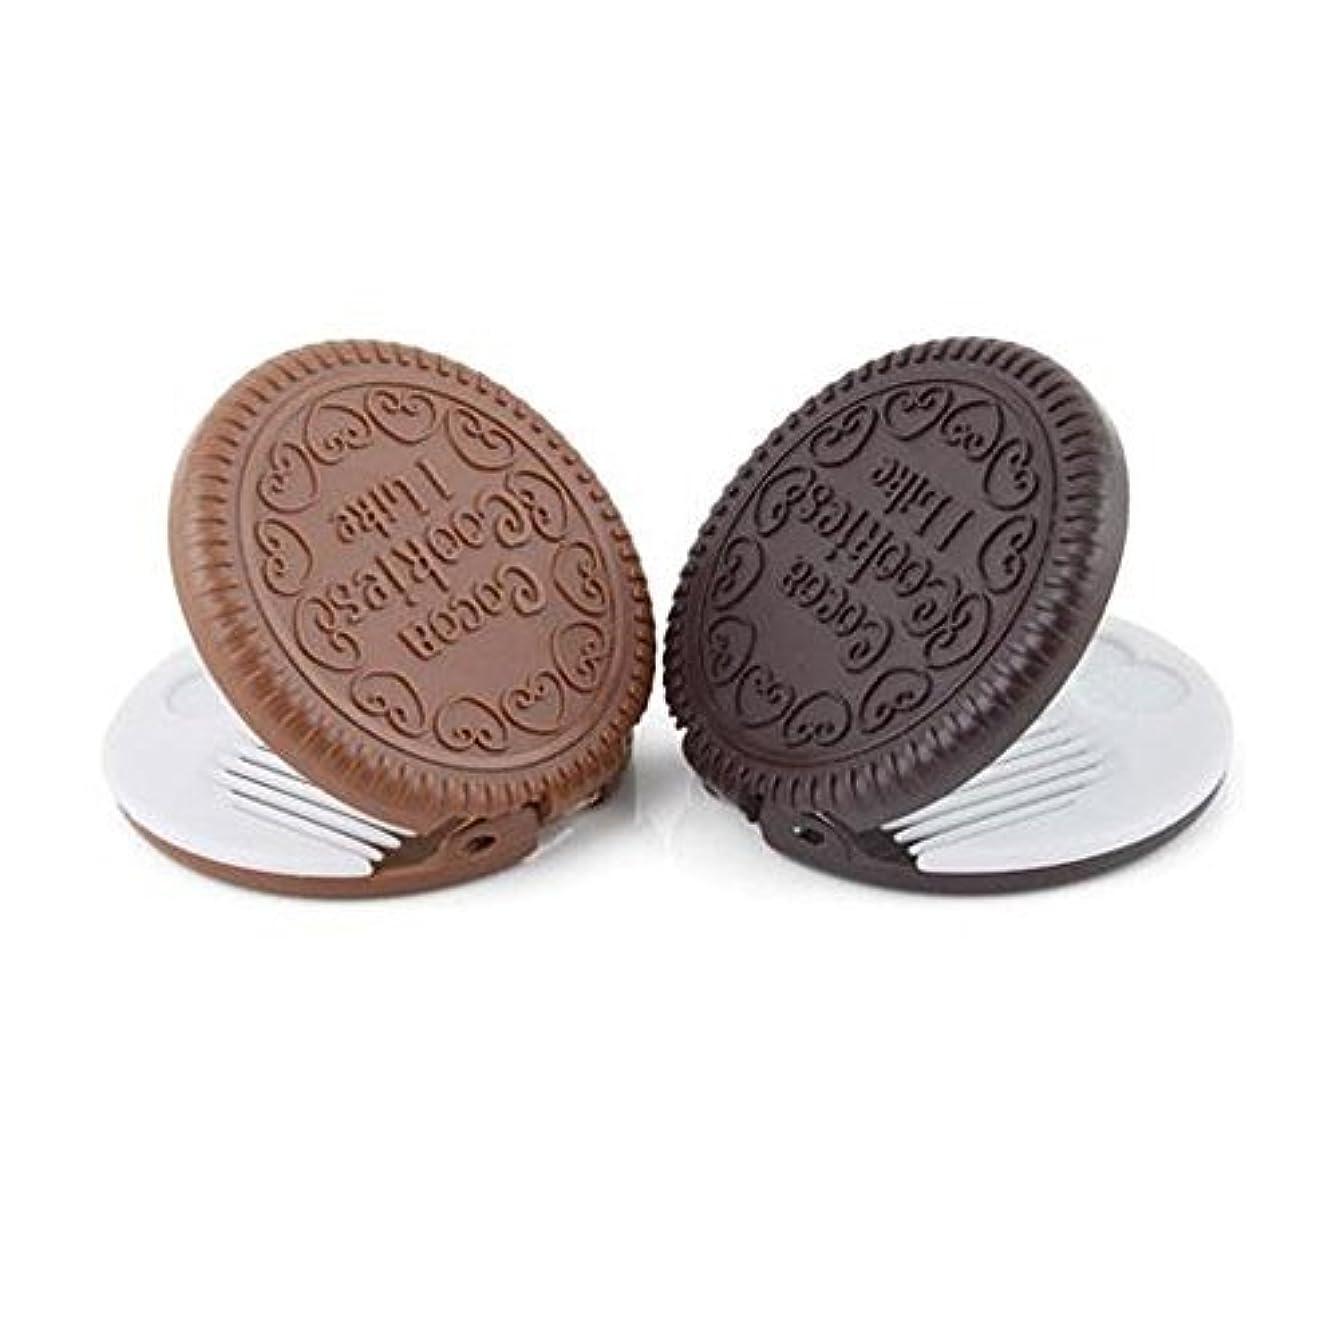 矢じり犠牲わずかなyueton Pack of 2 Mini Pocket Chocolate Cookie Compact Mirror with Comb [並行輸入品]